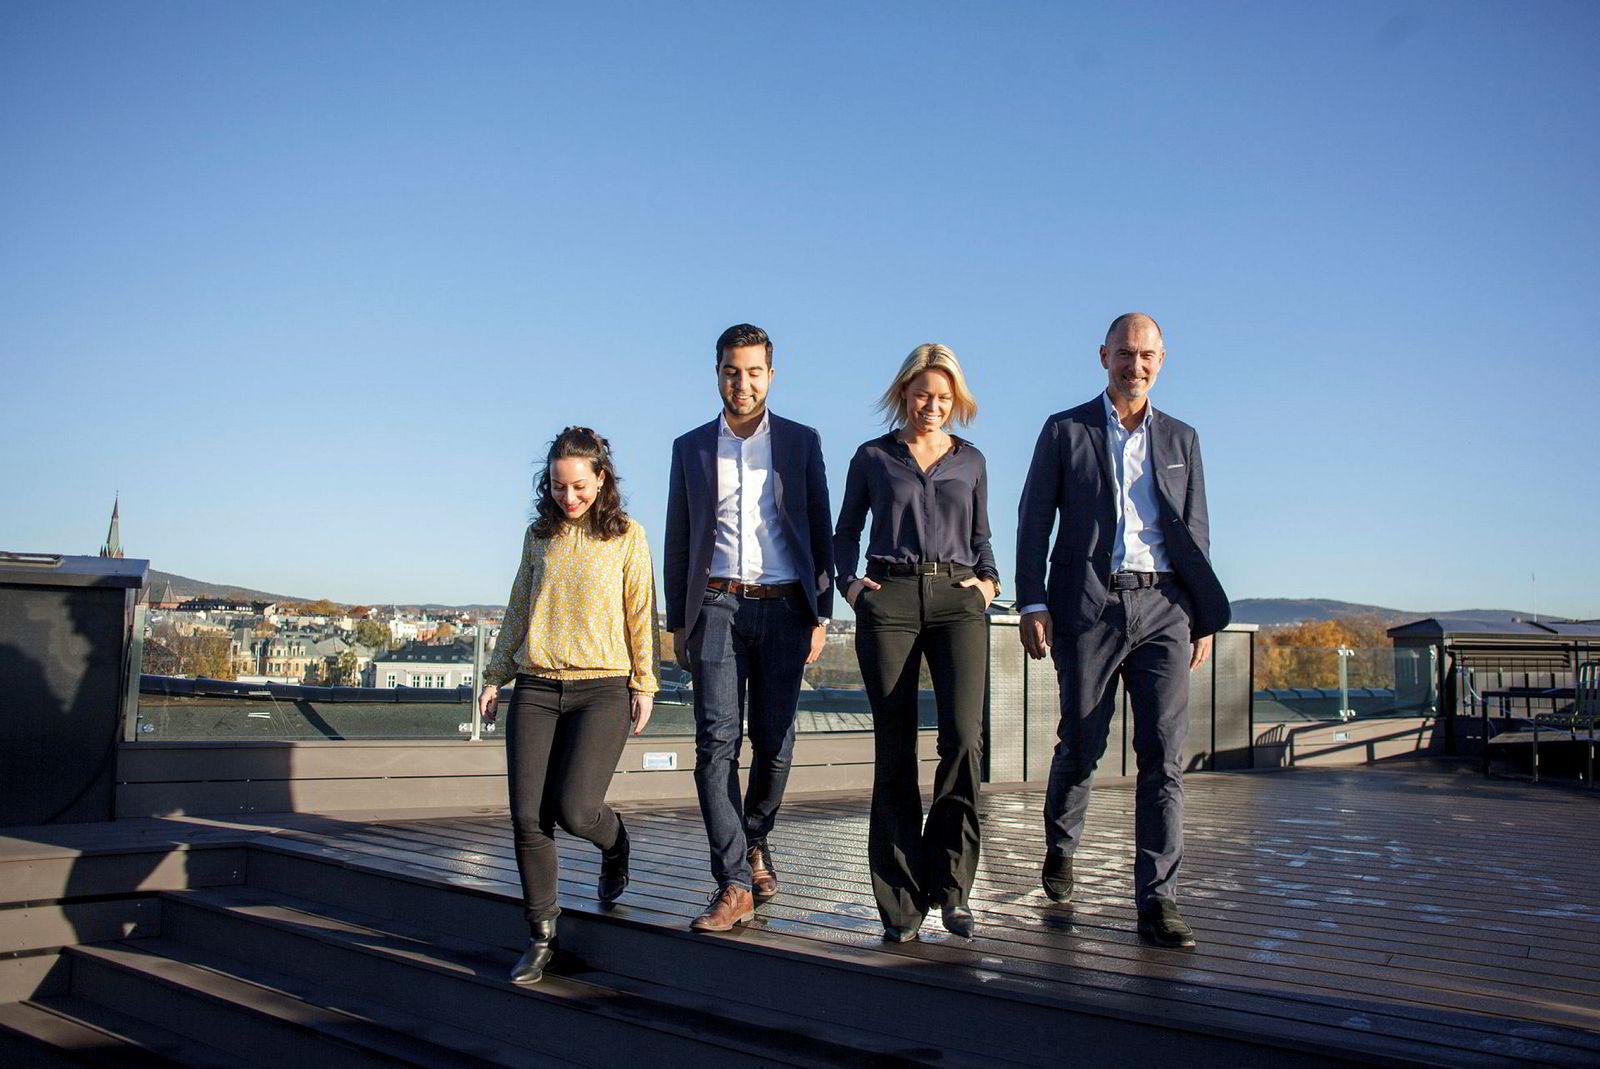 Fra høyre, Andreas Wabø, CEO og partner i Agera, Tale Lefdal Helland, Shayan Seyedin og Kremena Tosheva.